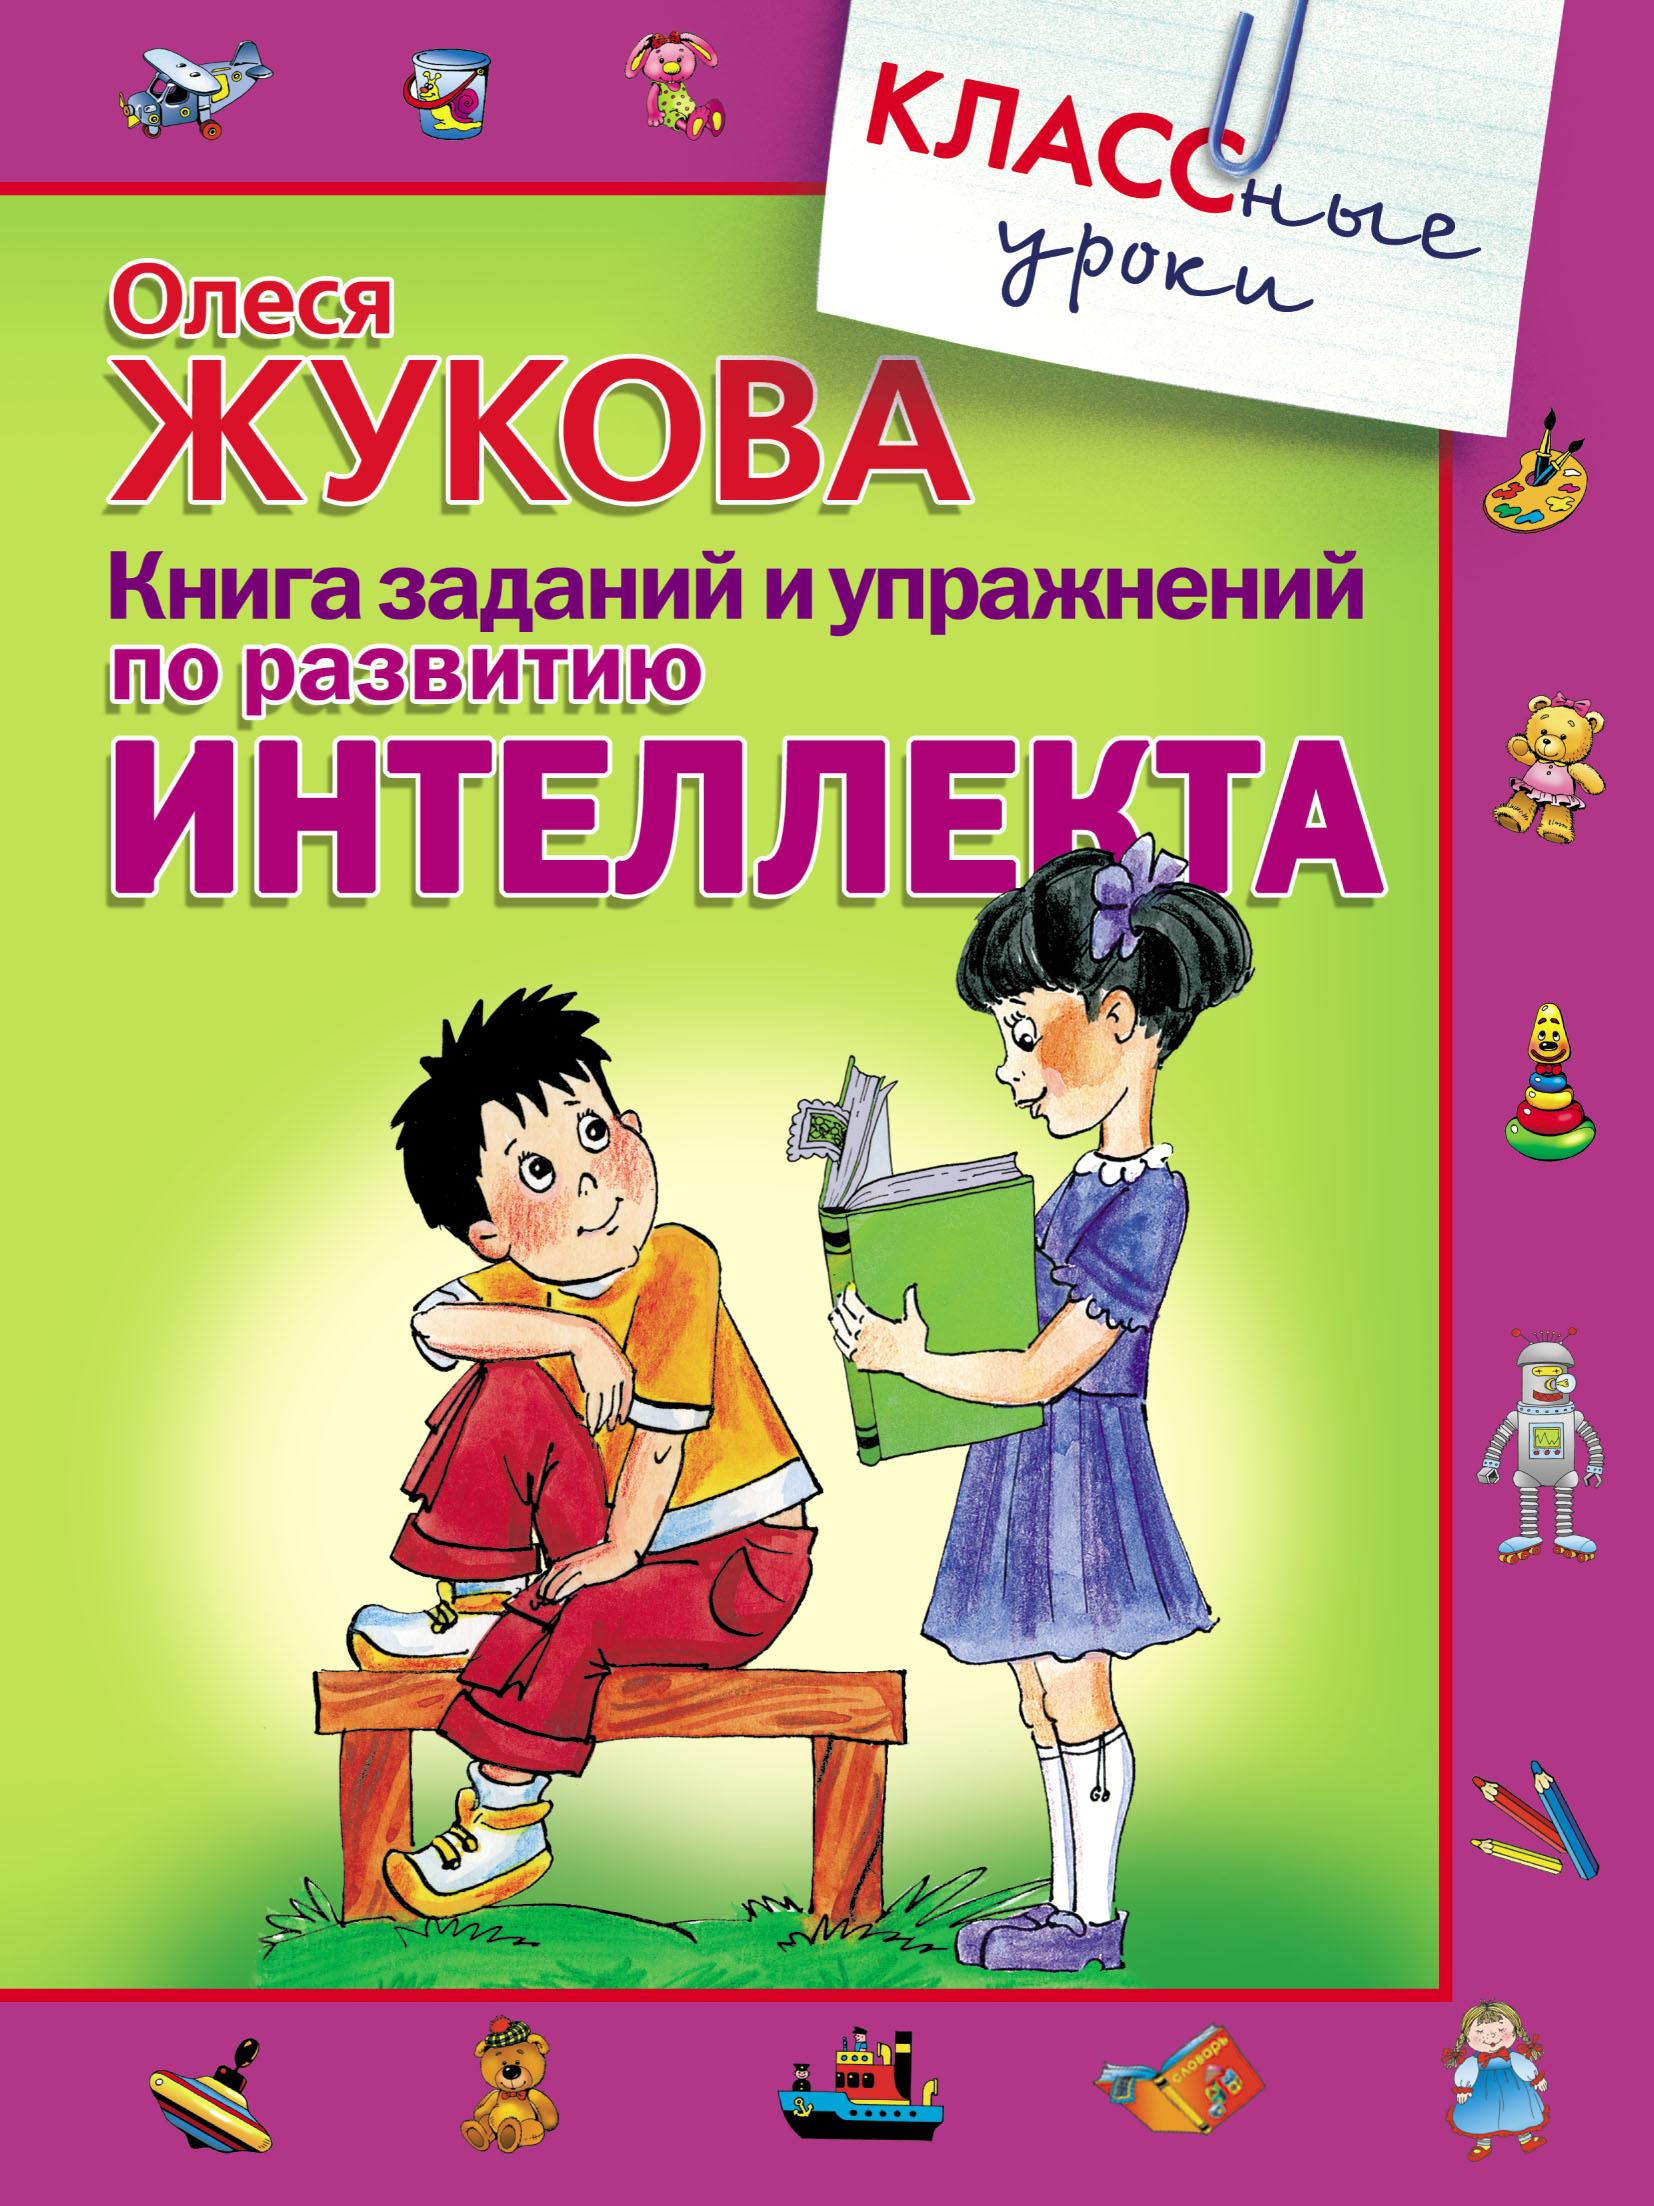 купить Олеся Жукова Книга заданий и упражнений по развитию интеллекта дешево